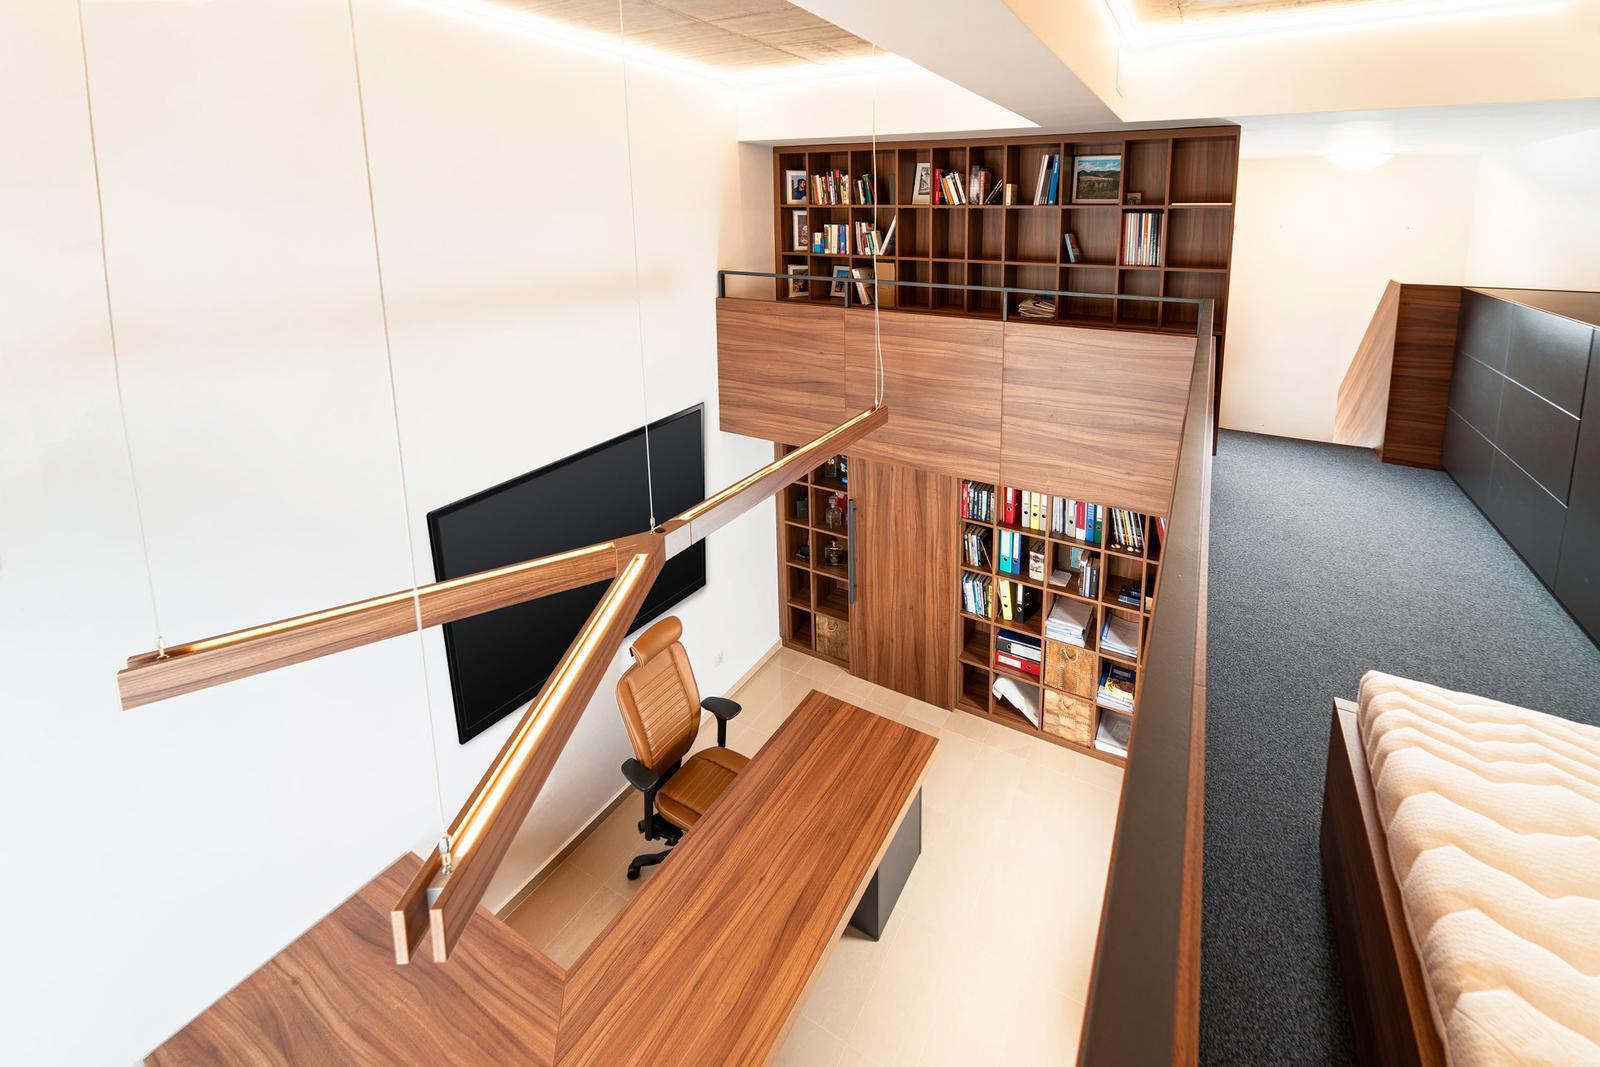 Návrh a realizácia interiéru - reprezentatívna loftová kancelária - Návrh a realizácia interiéru - reprezentatívna loftová kancelária